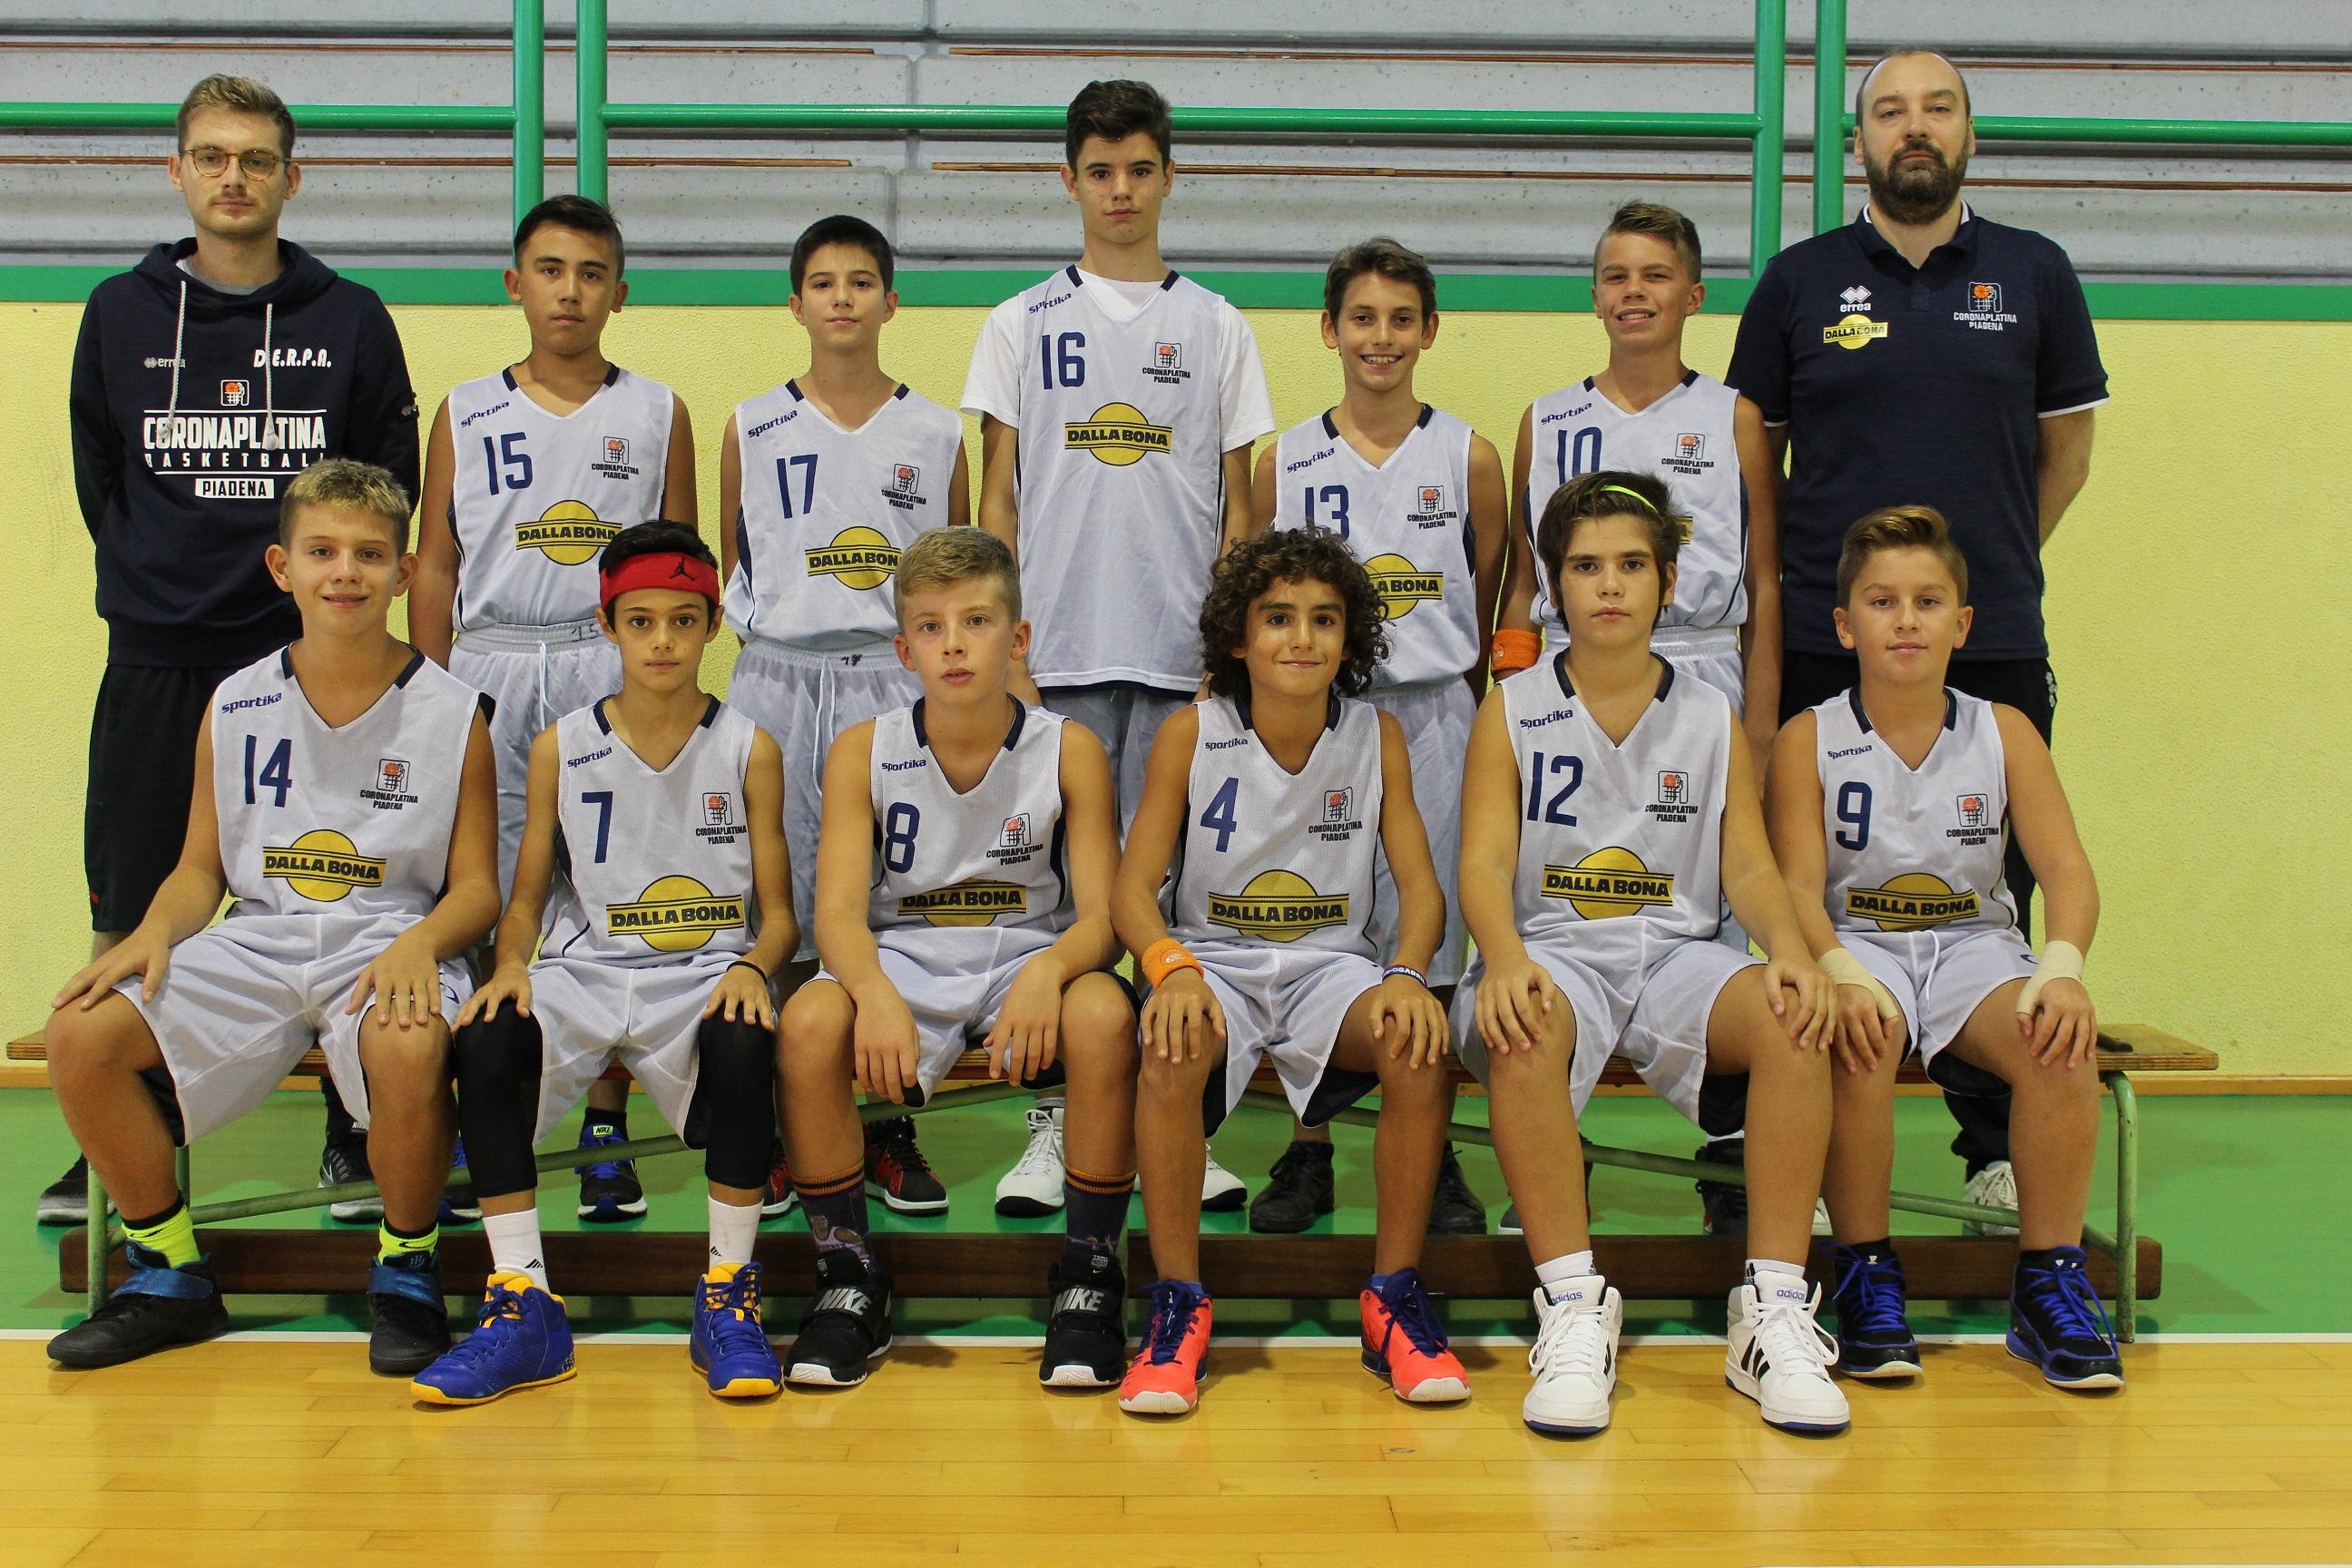 Under 13 - Dalla Bona - 2017-18